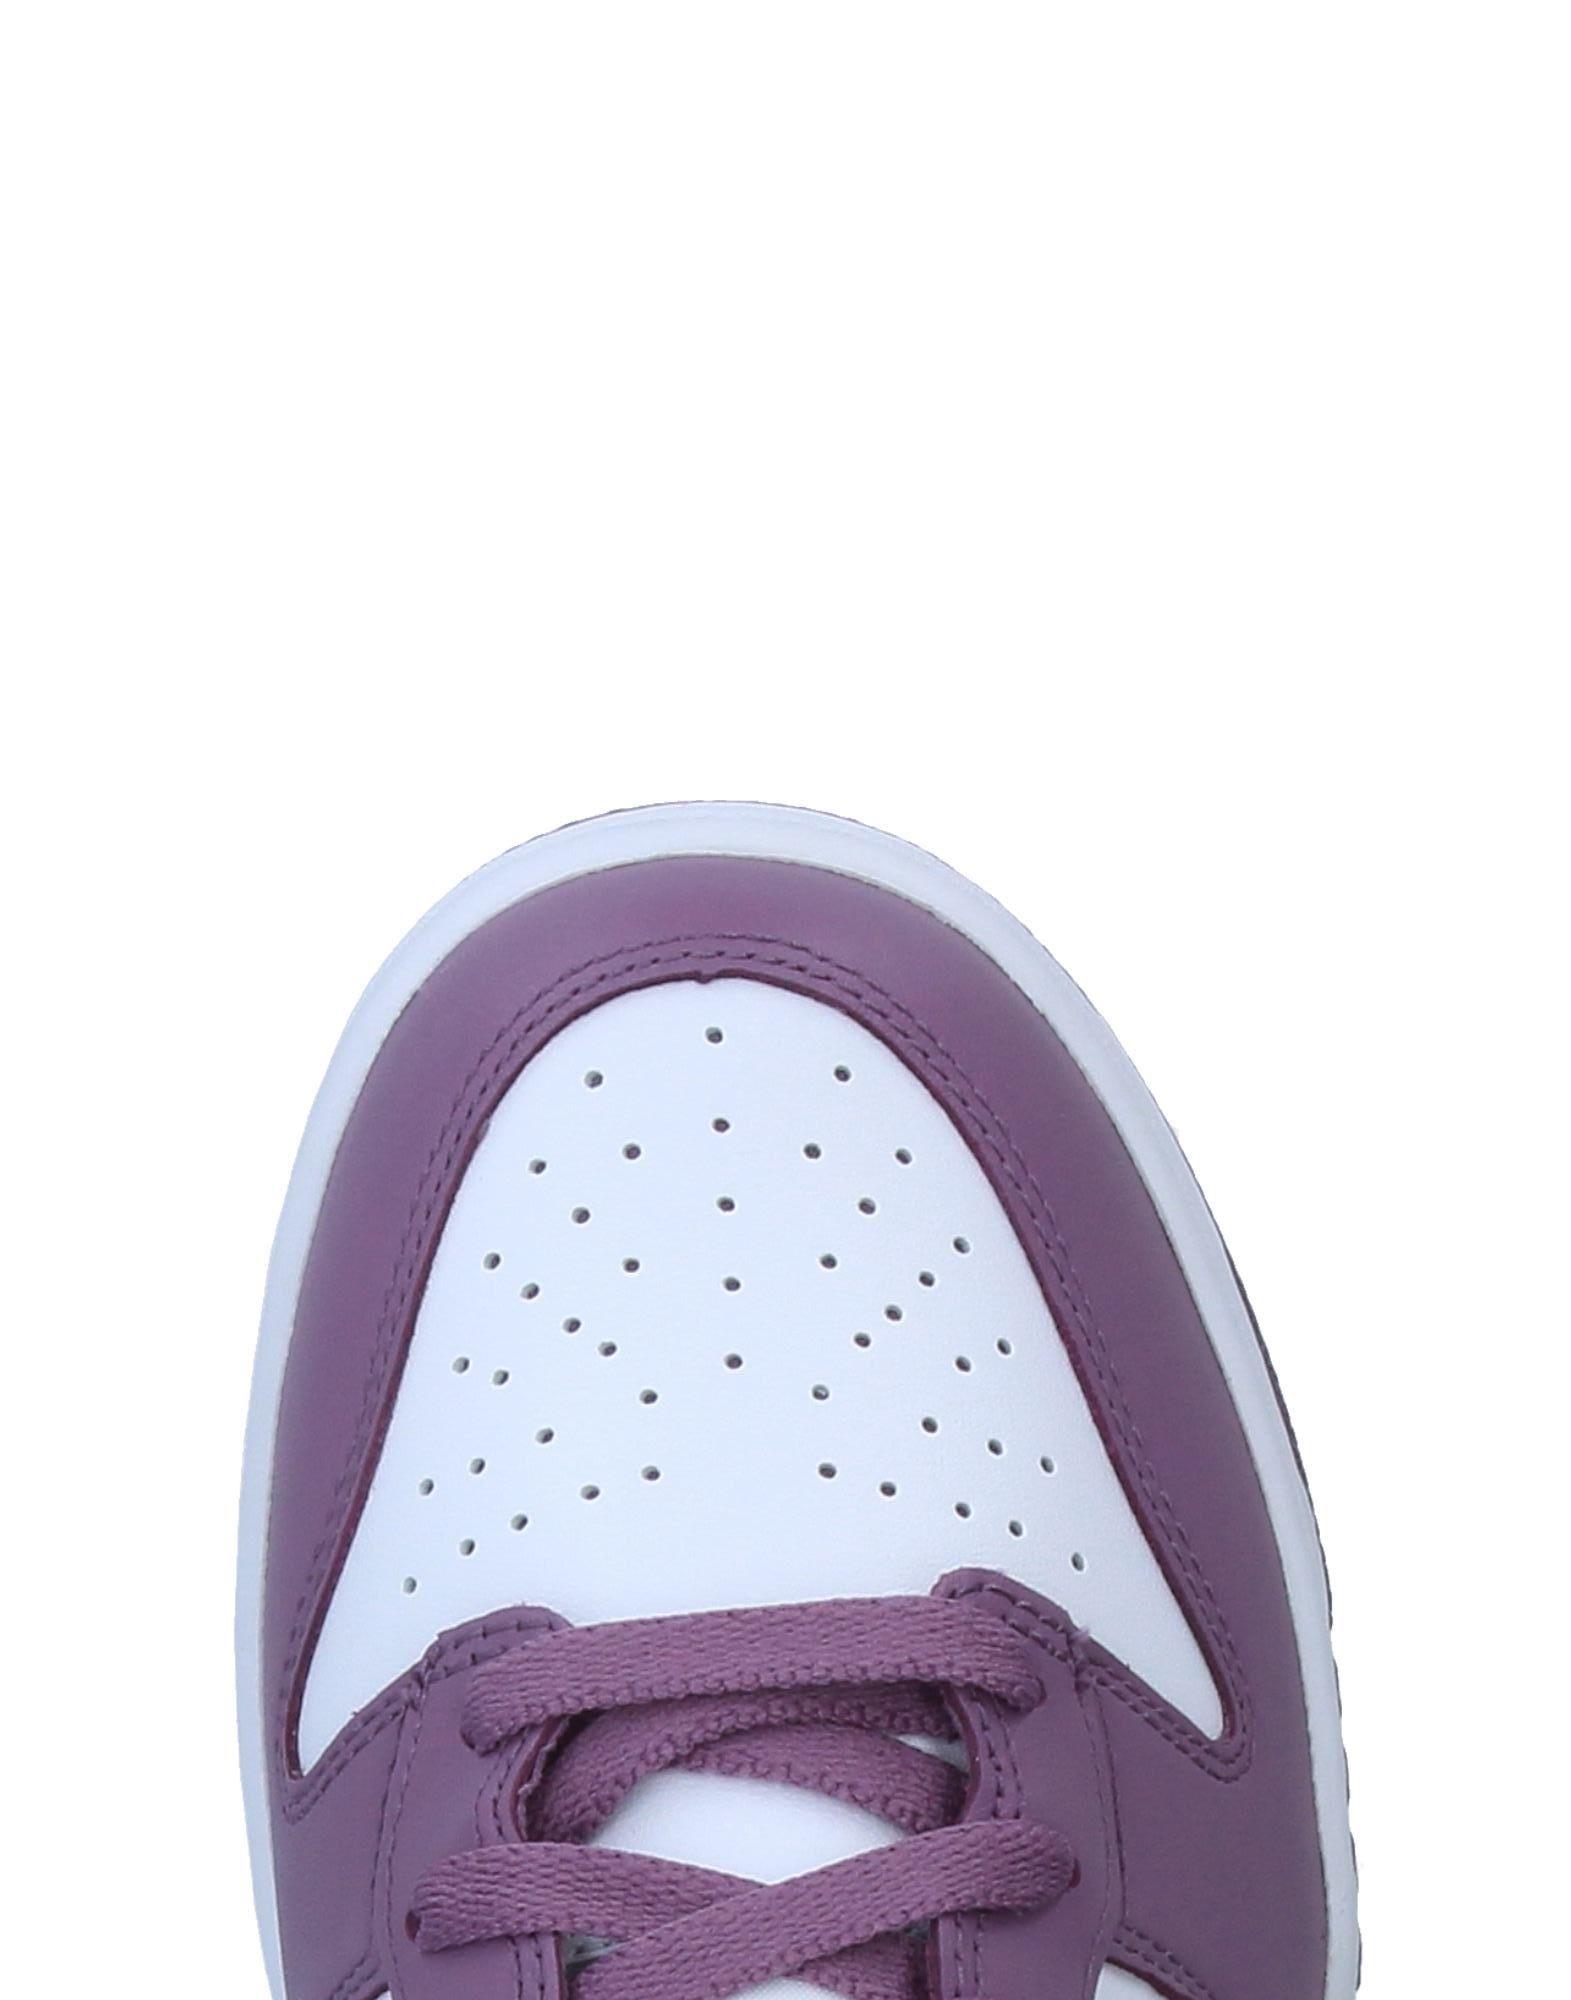 Nike Sneakers 11375557MH Herren  11375557MH Sneakers Heiße Schuhe 2a8a47